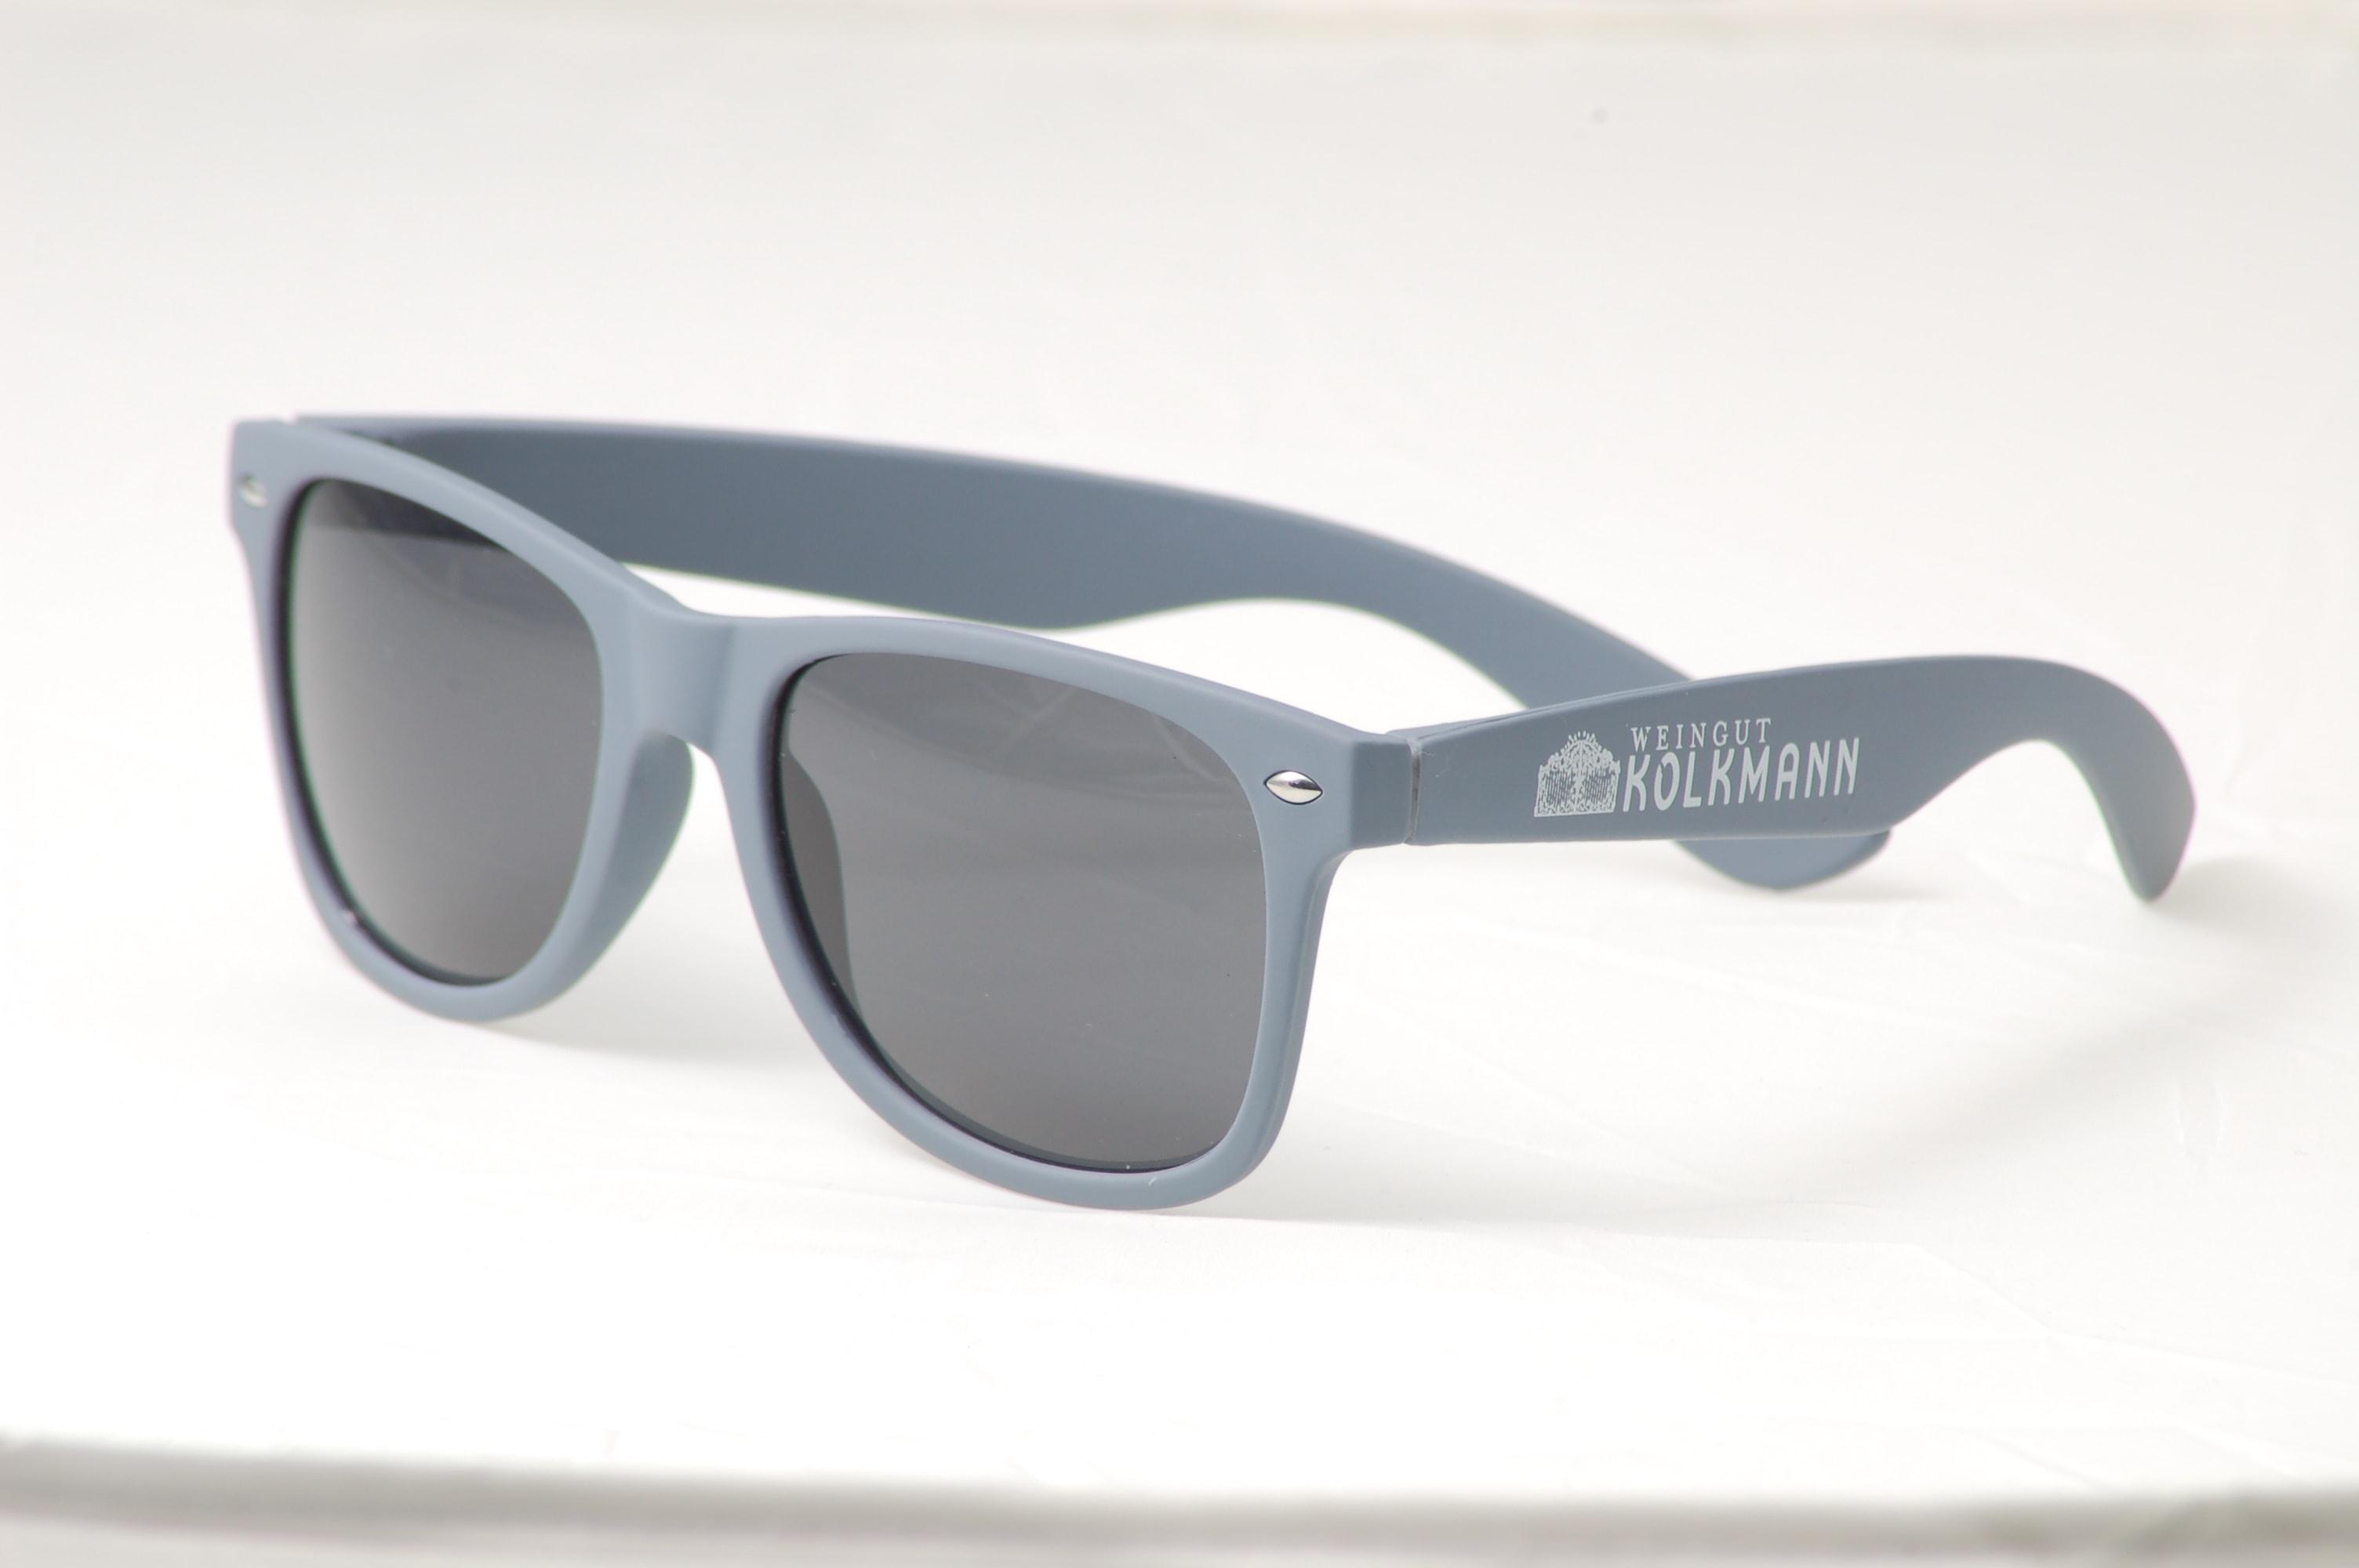 referenzen bedruckte sonnenbrillen mit logo selbst gestalten bester preis in europa. Black Bedroom Furniture Sets. Home Design Ideas